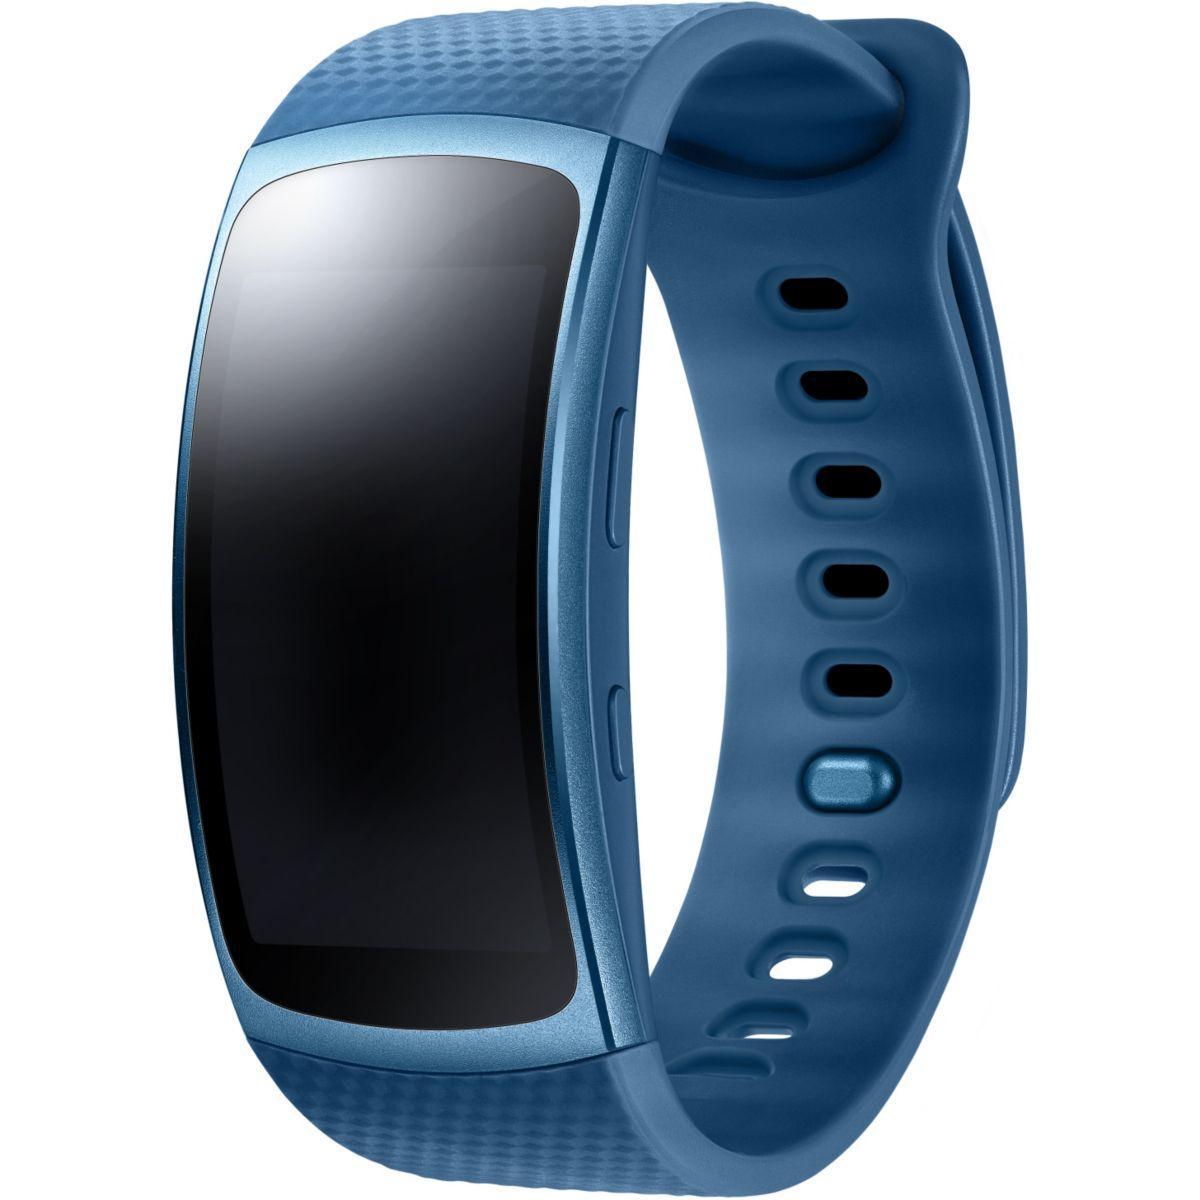 Montre connectée samsung gear fit 2 bleu taille l - 2% de remise immédiate avec le code : top2 (photo)